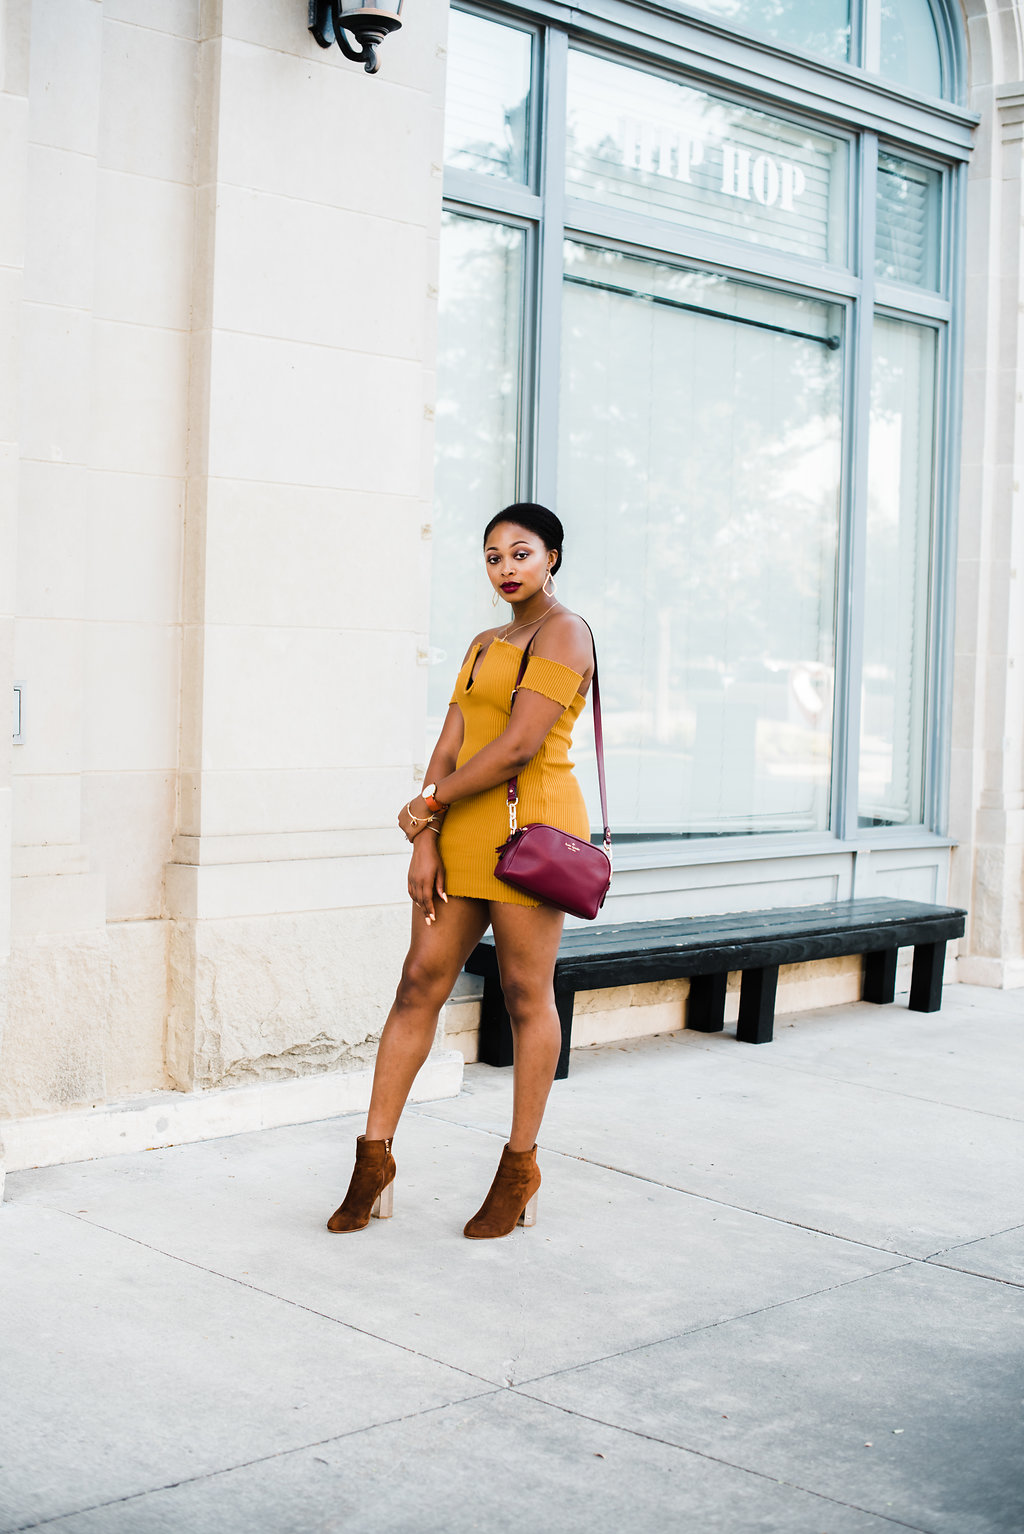 Dallas fashion blogger